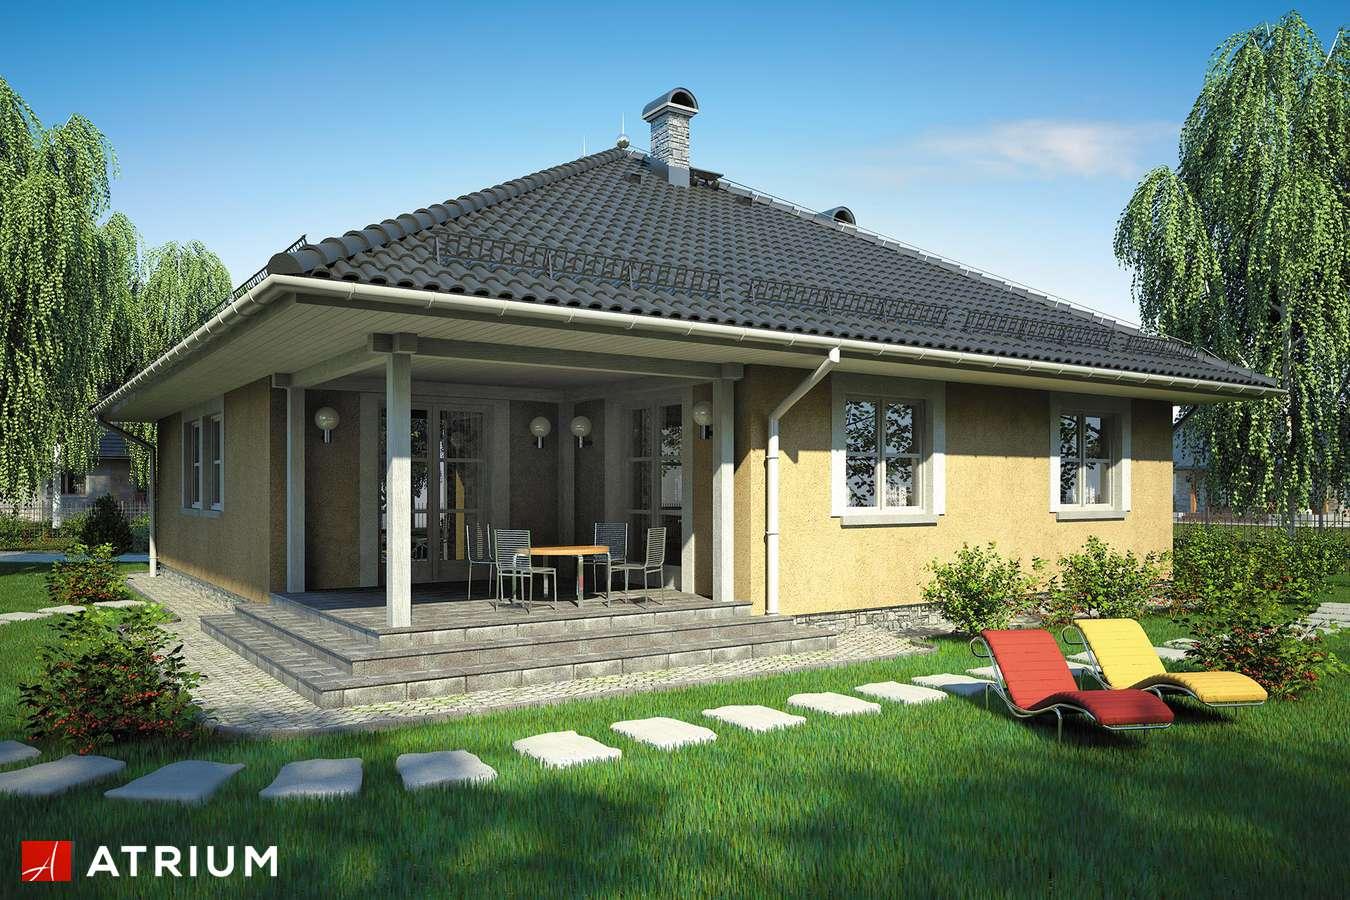 Projekty domów - Projekt domu parterowego KALIFORNIA - wizualizacja 2 - wersja lustrzana